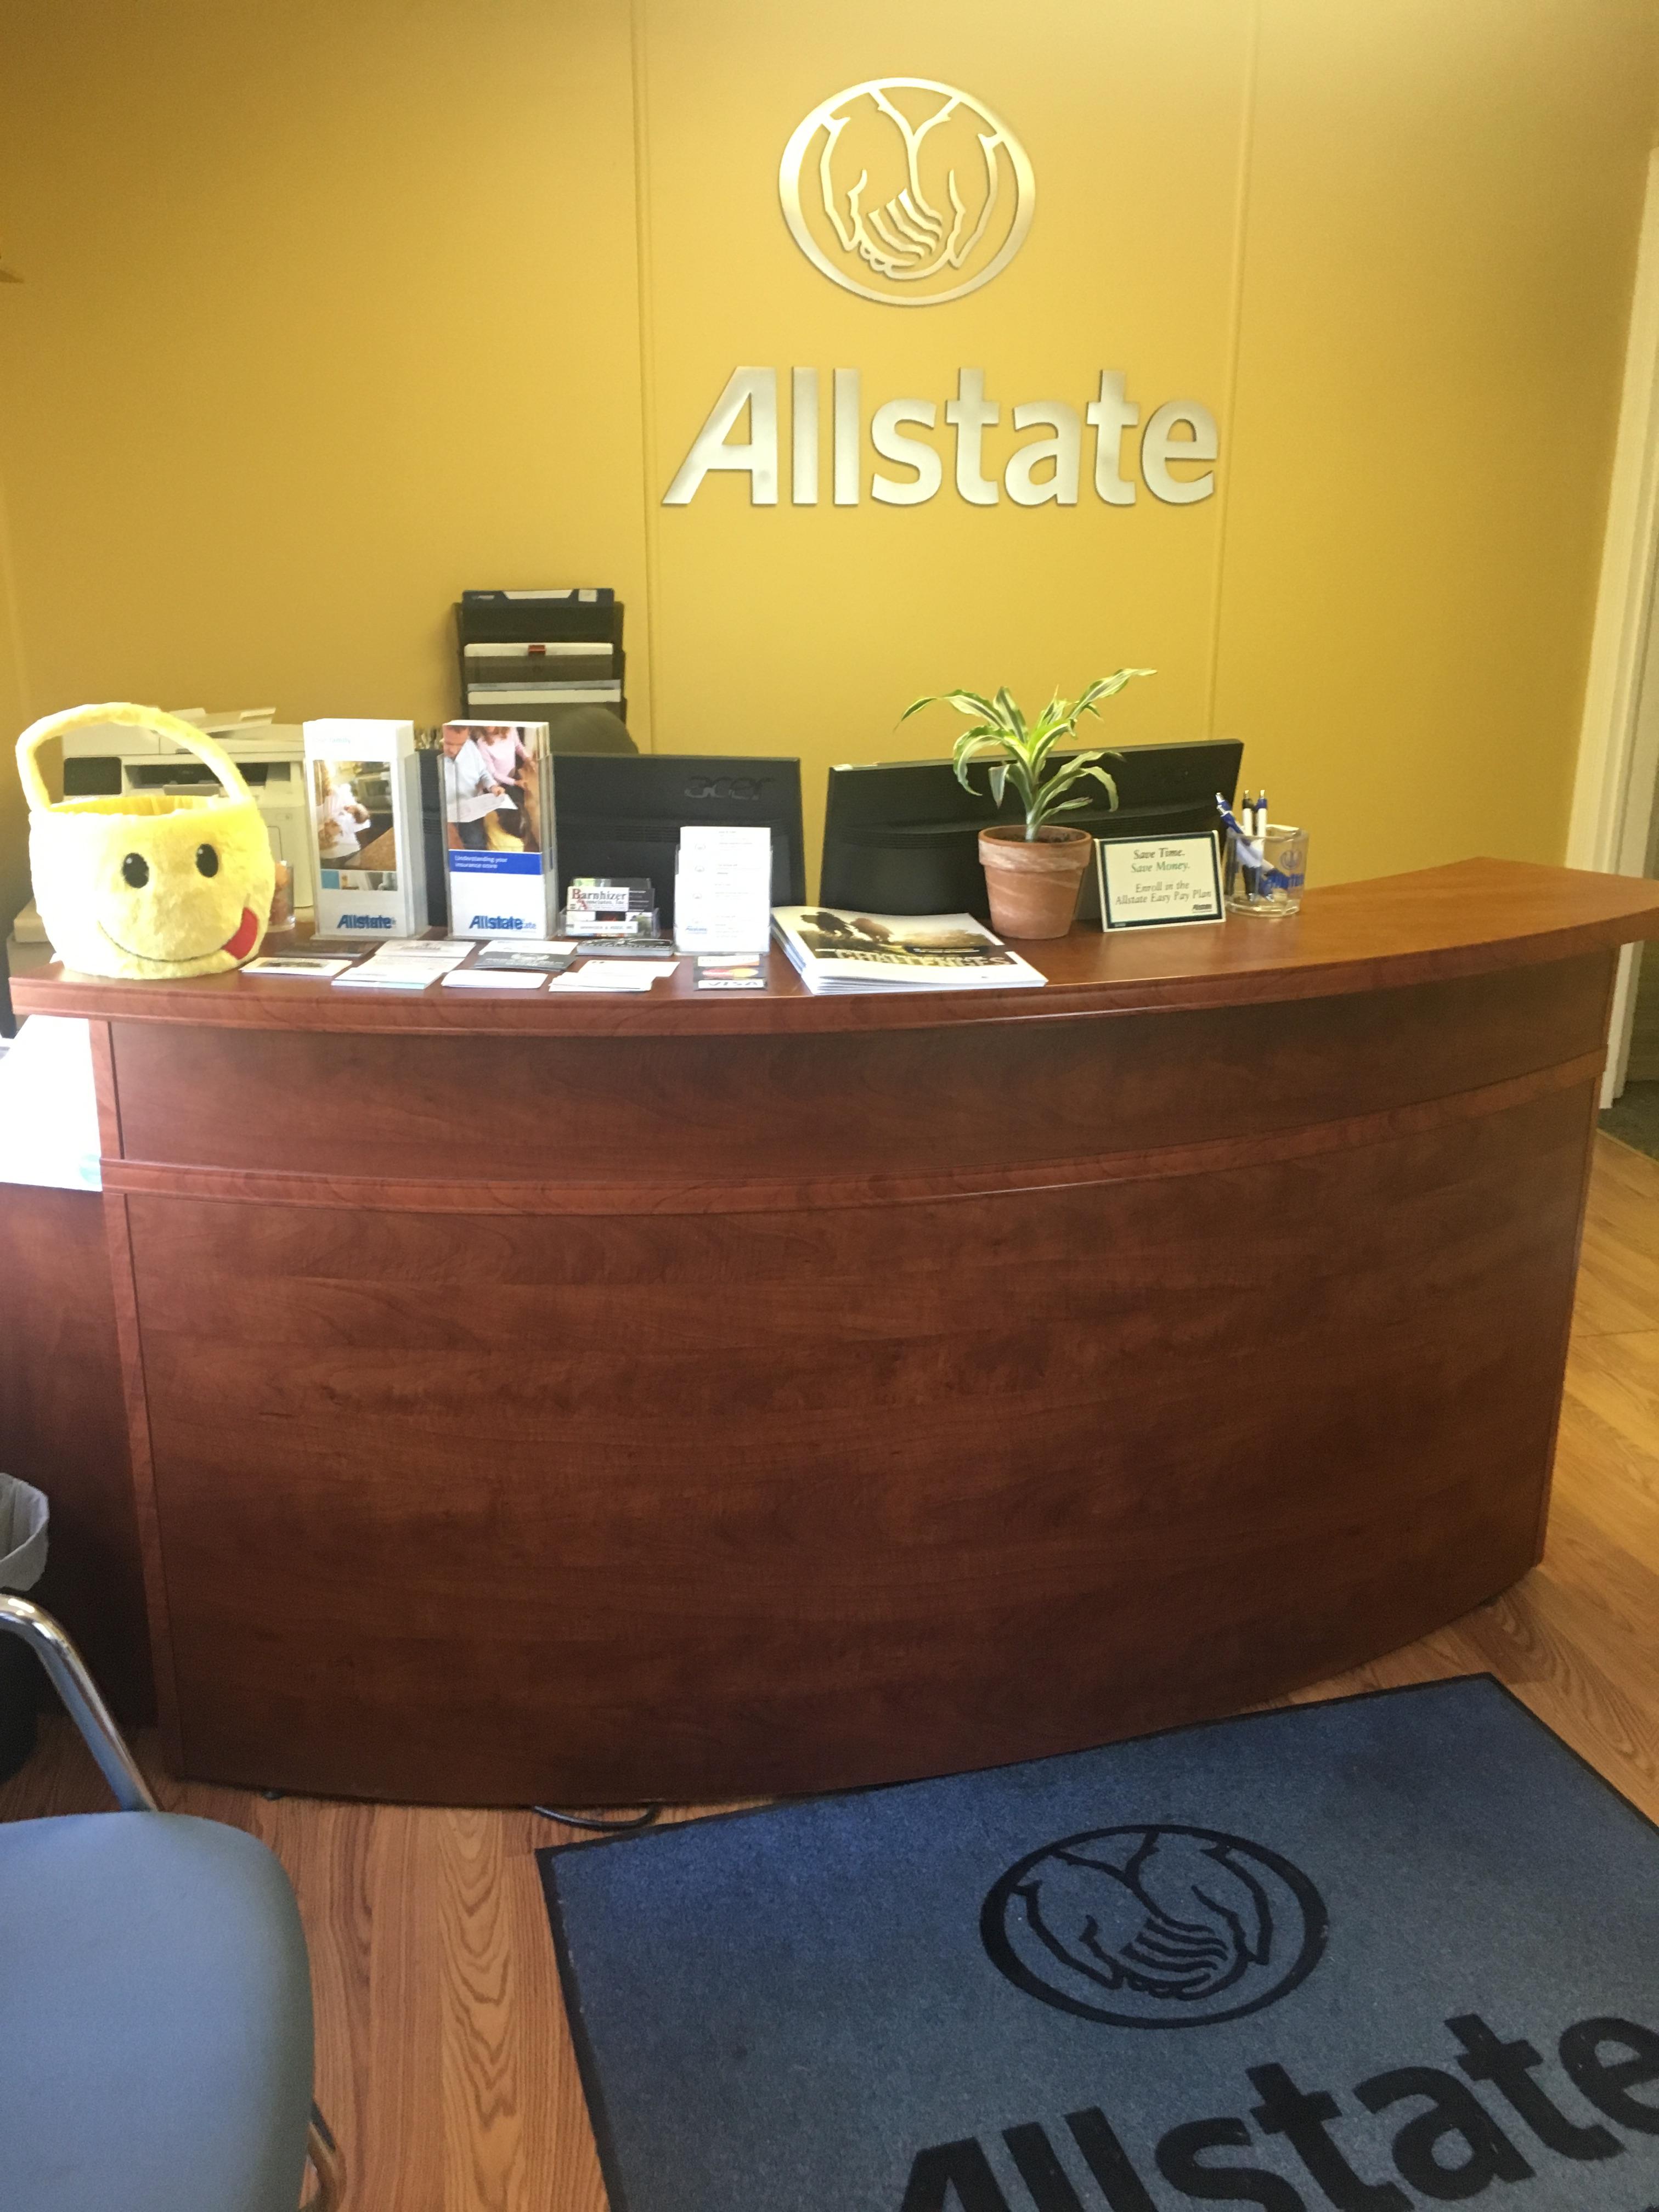 Brian Fuller: Allstate Insurance image 4